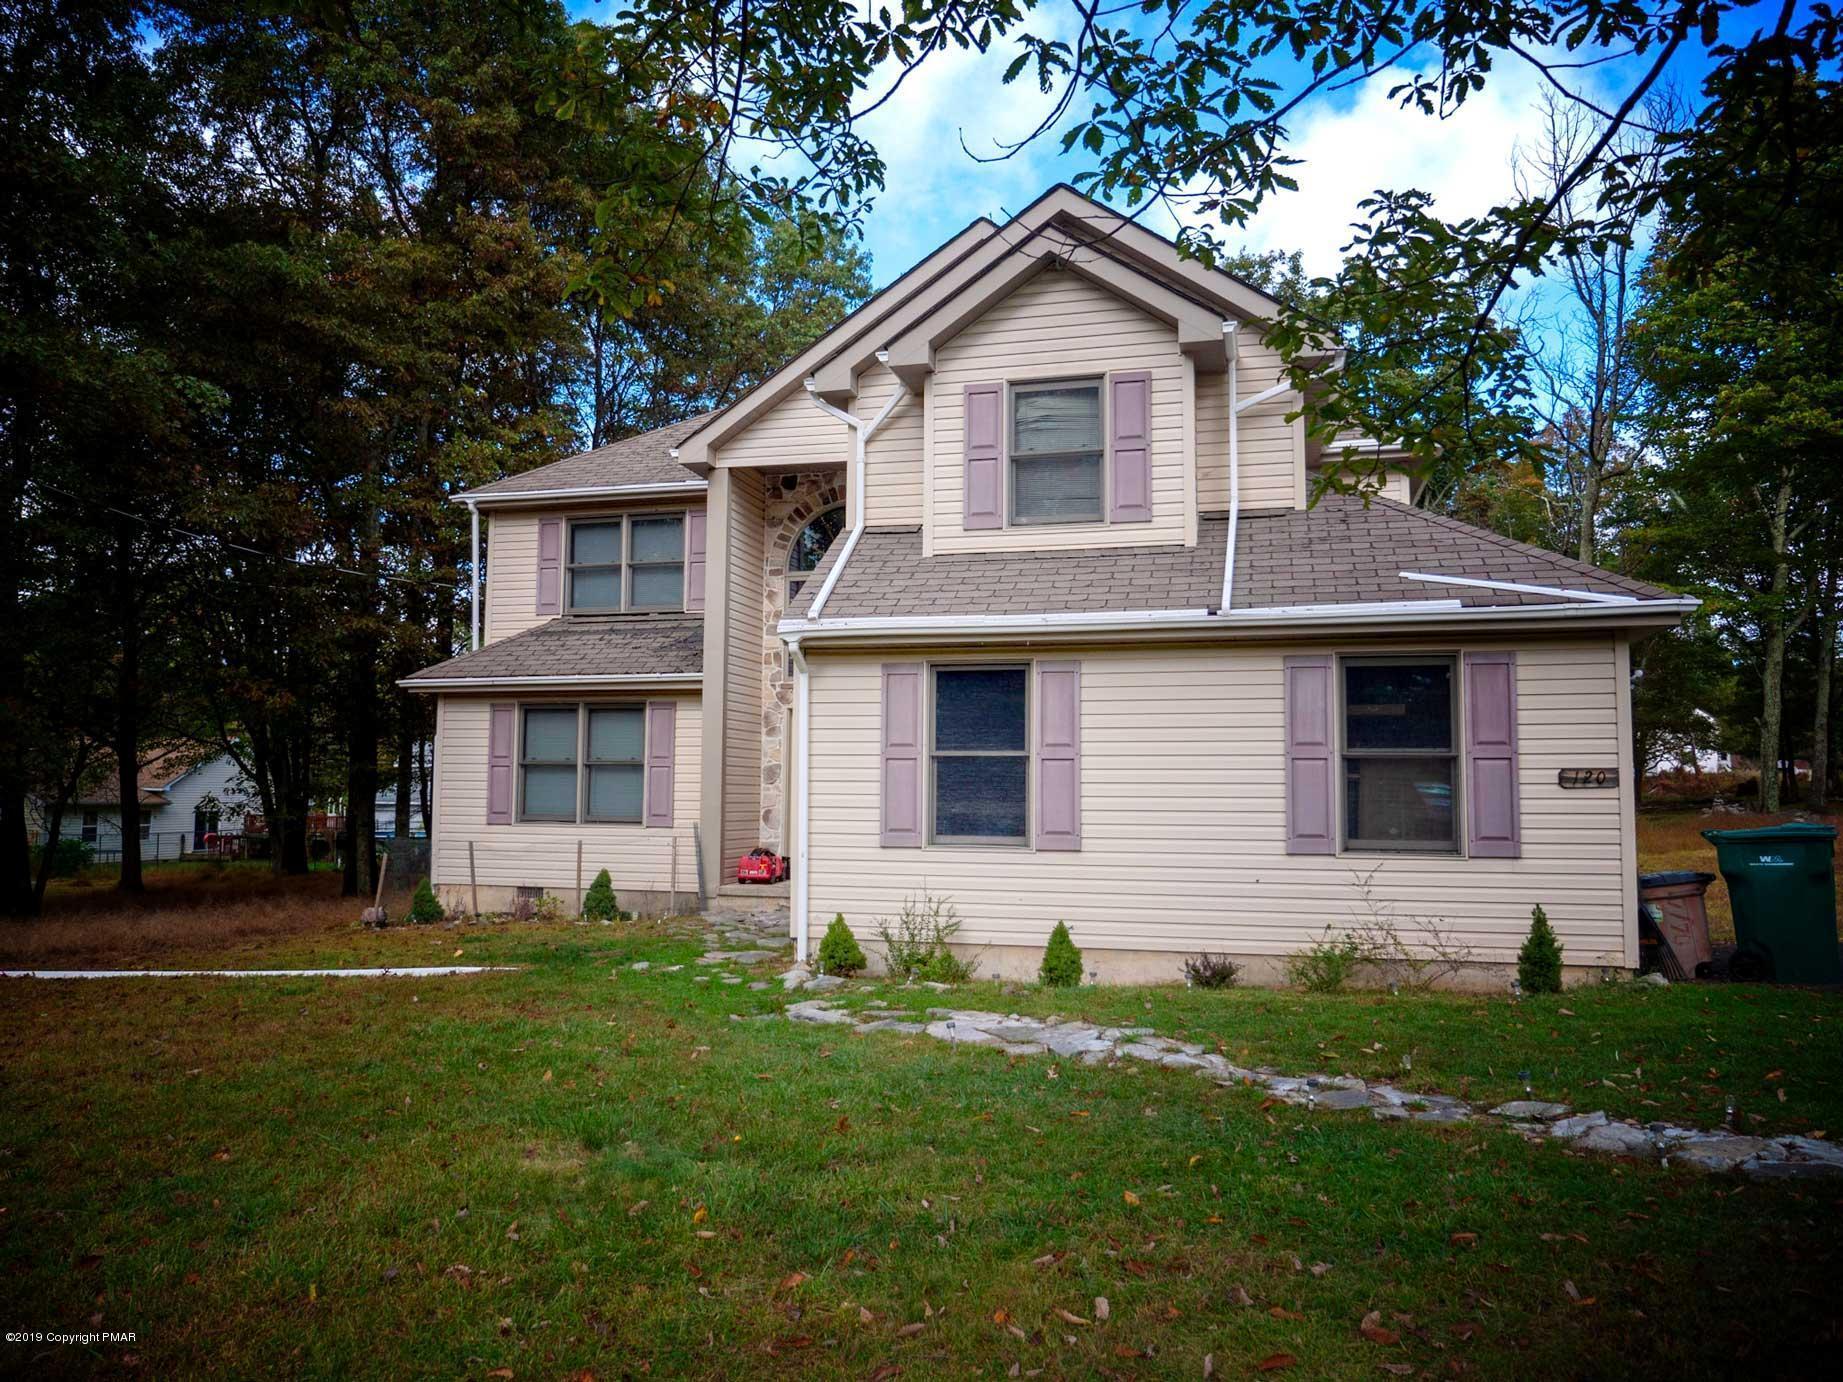 120 Simmons Pl, Bushkill, PA 18324